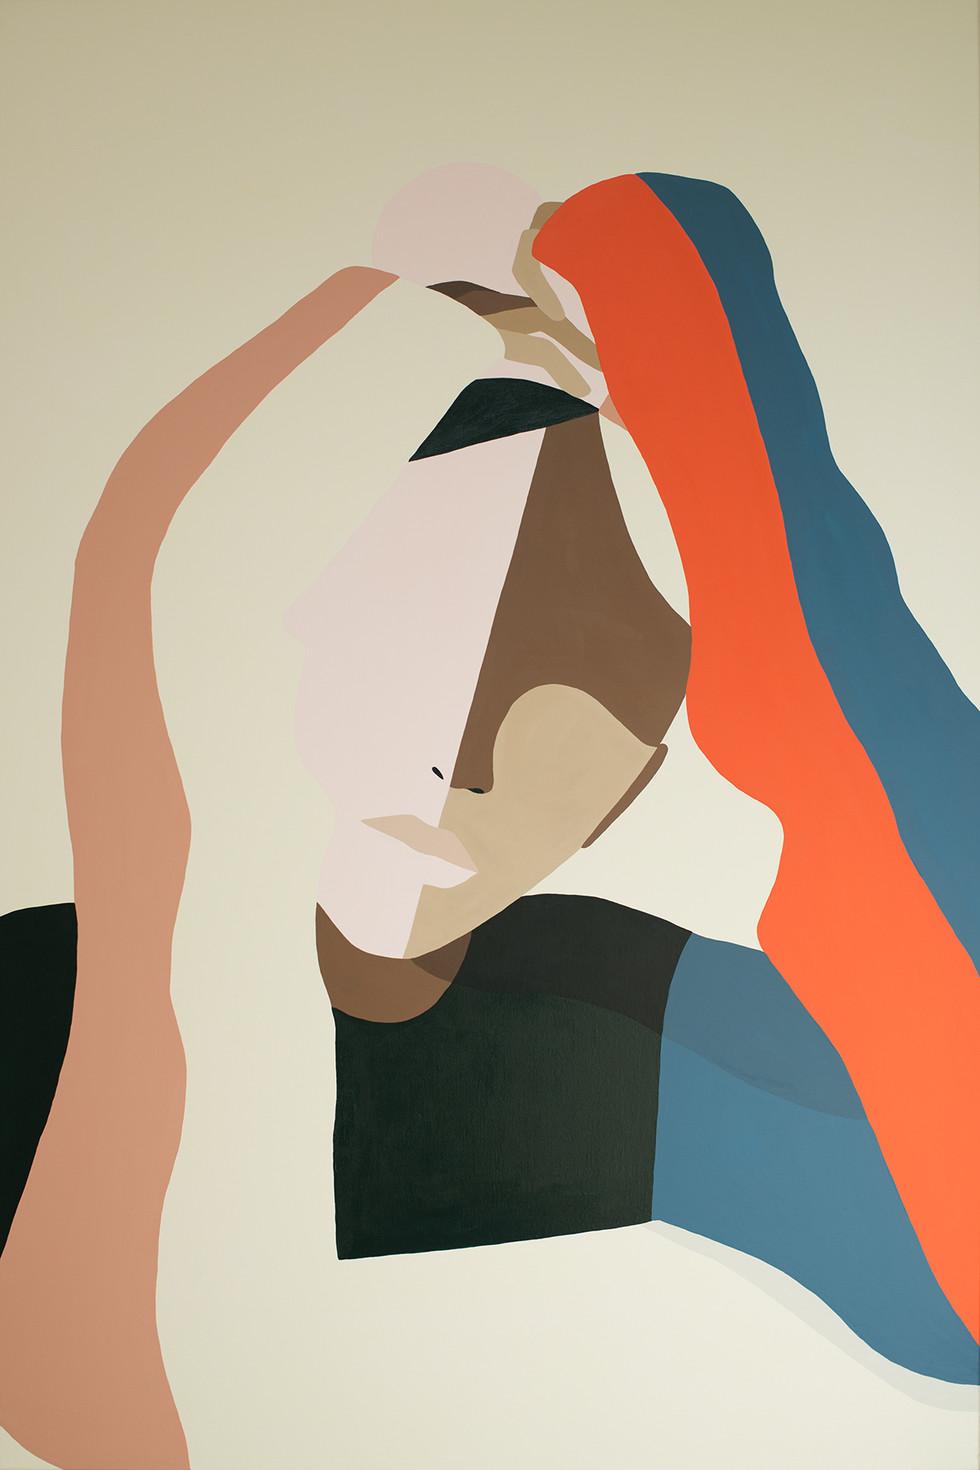 Chair, 2020 acrylic on canvas 80 x 120 cm